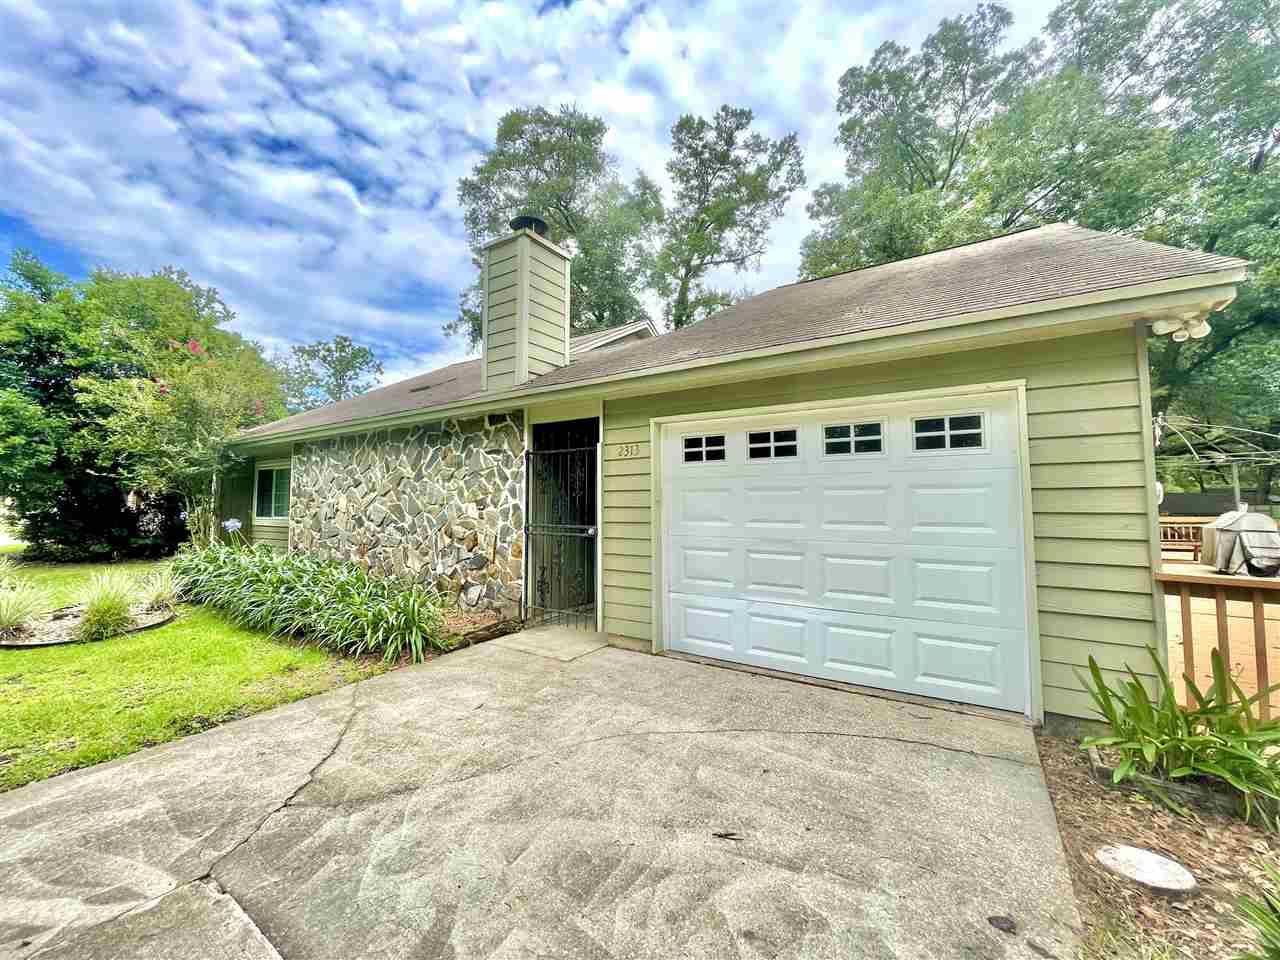 2313 Cumberland Drive, Tallahassee, FL 32303 - MLS#: 334592